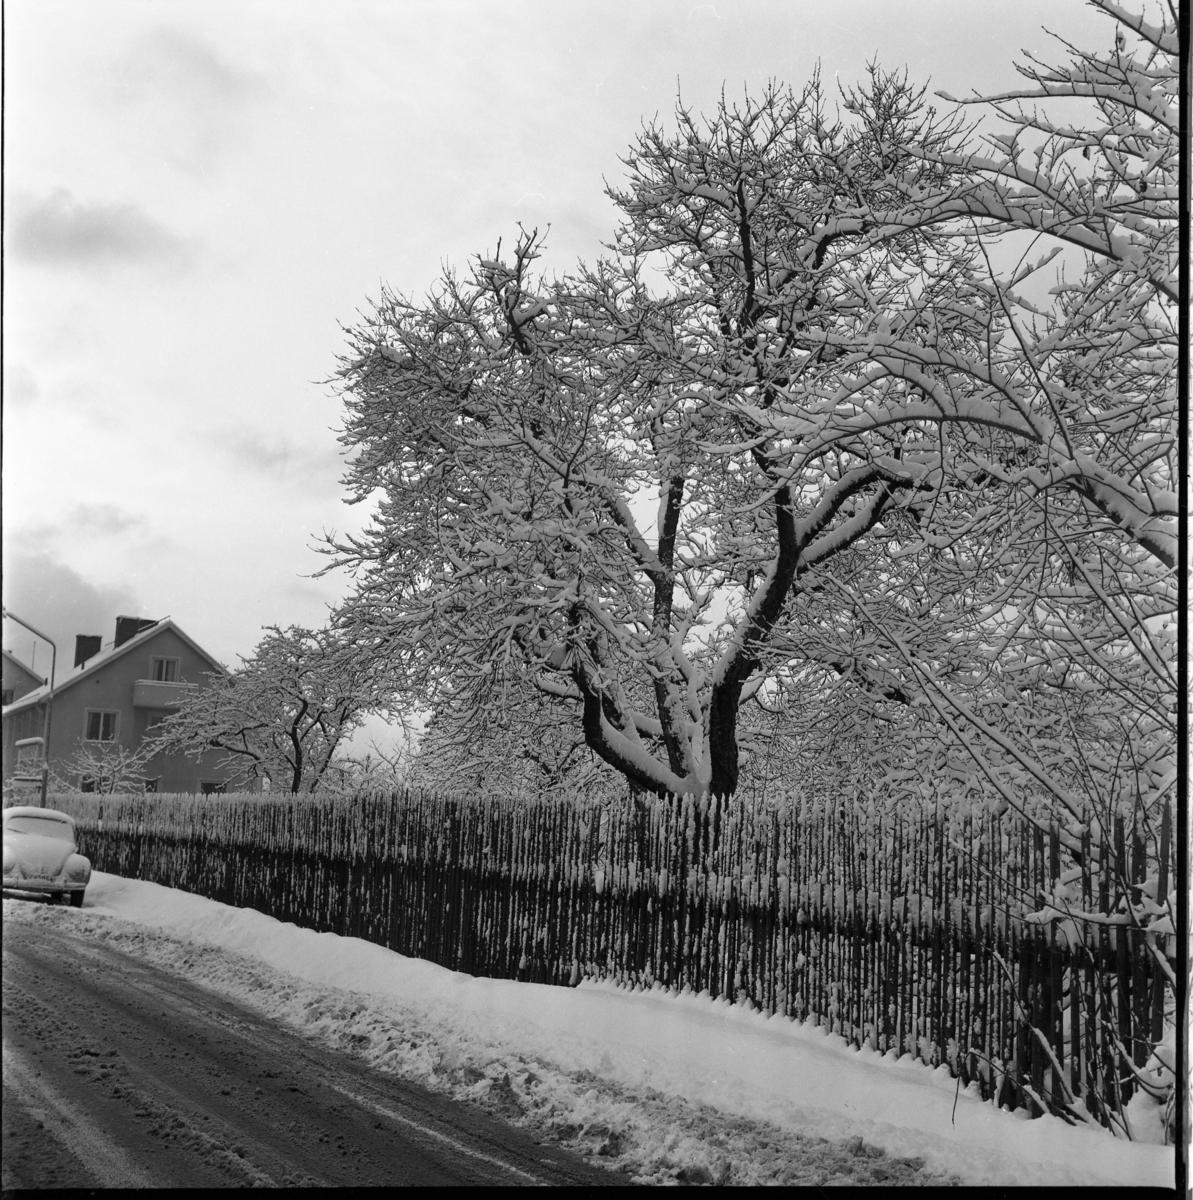 Vinter. En något slaskig väg utmed ett staket med träd på andra sidan. På vägens bortre del står en VW parkerad. Möjligen Sjögatan i Gränna.